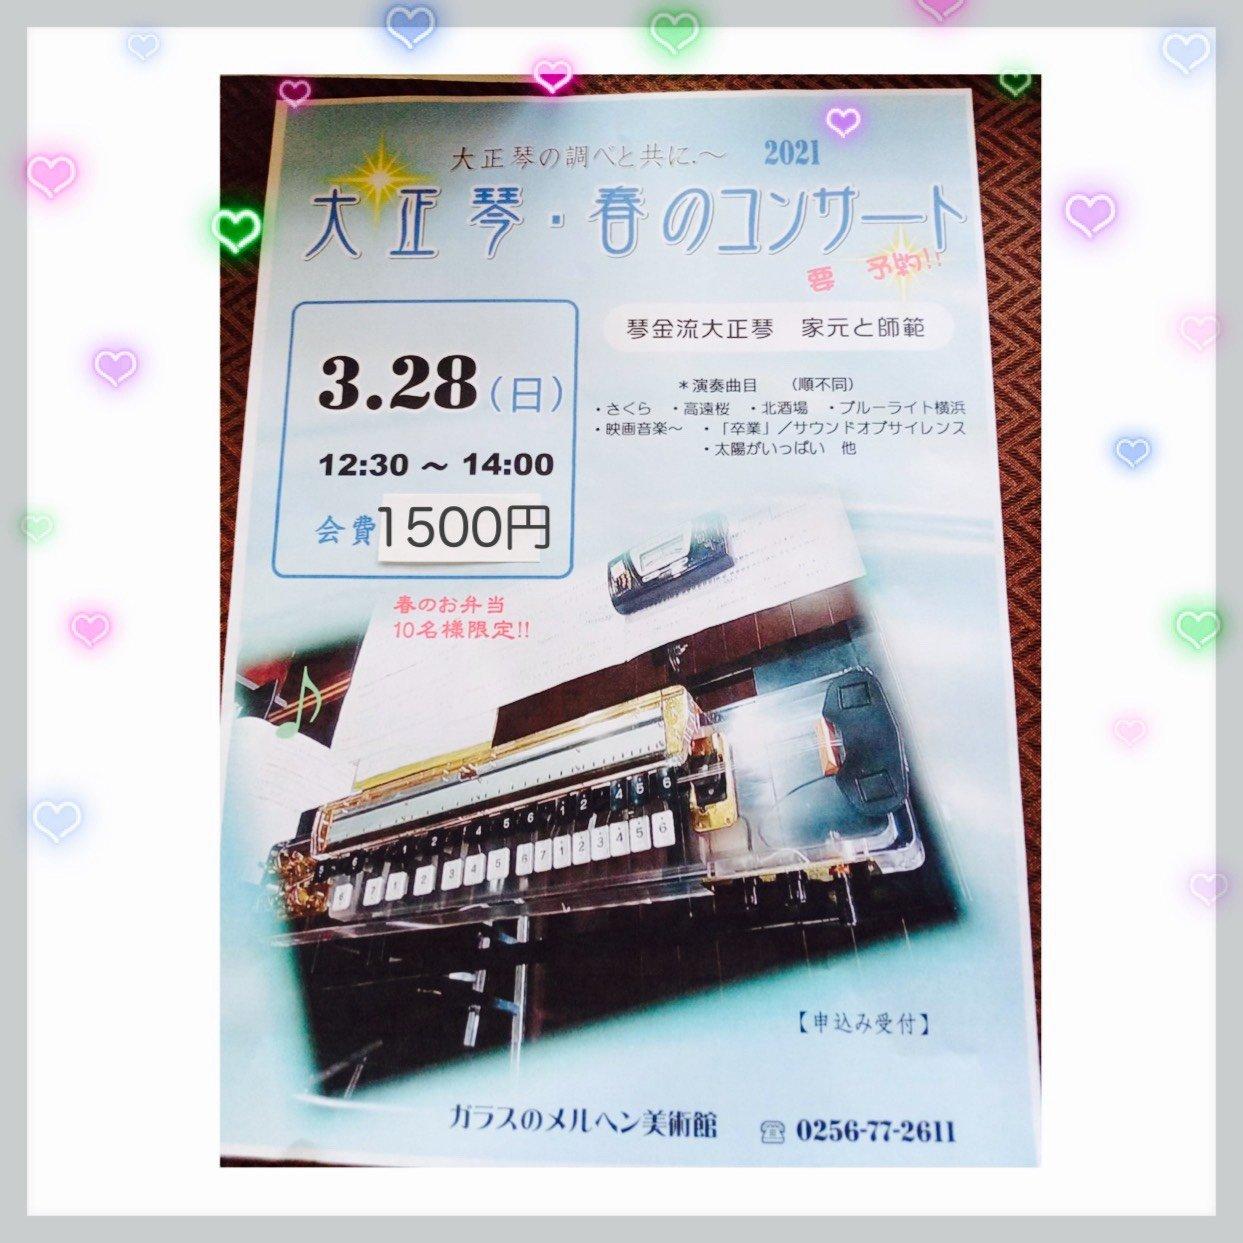 3月28日開催/越前浜ガラスのメルヘン美術館お弁当付き/大正琴春のコンサートのイメージその1